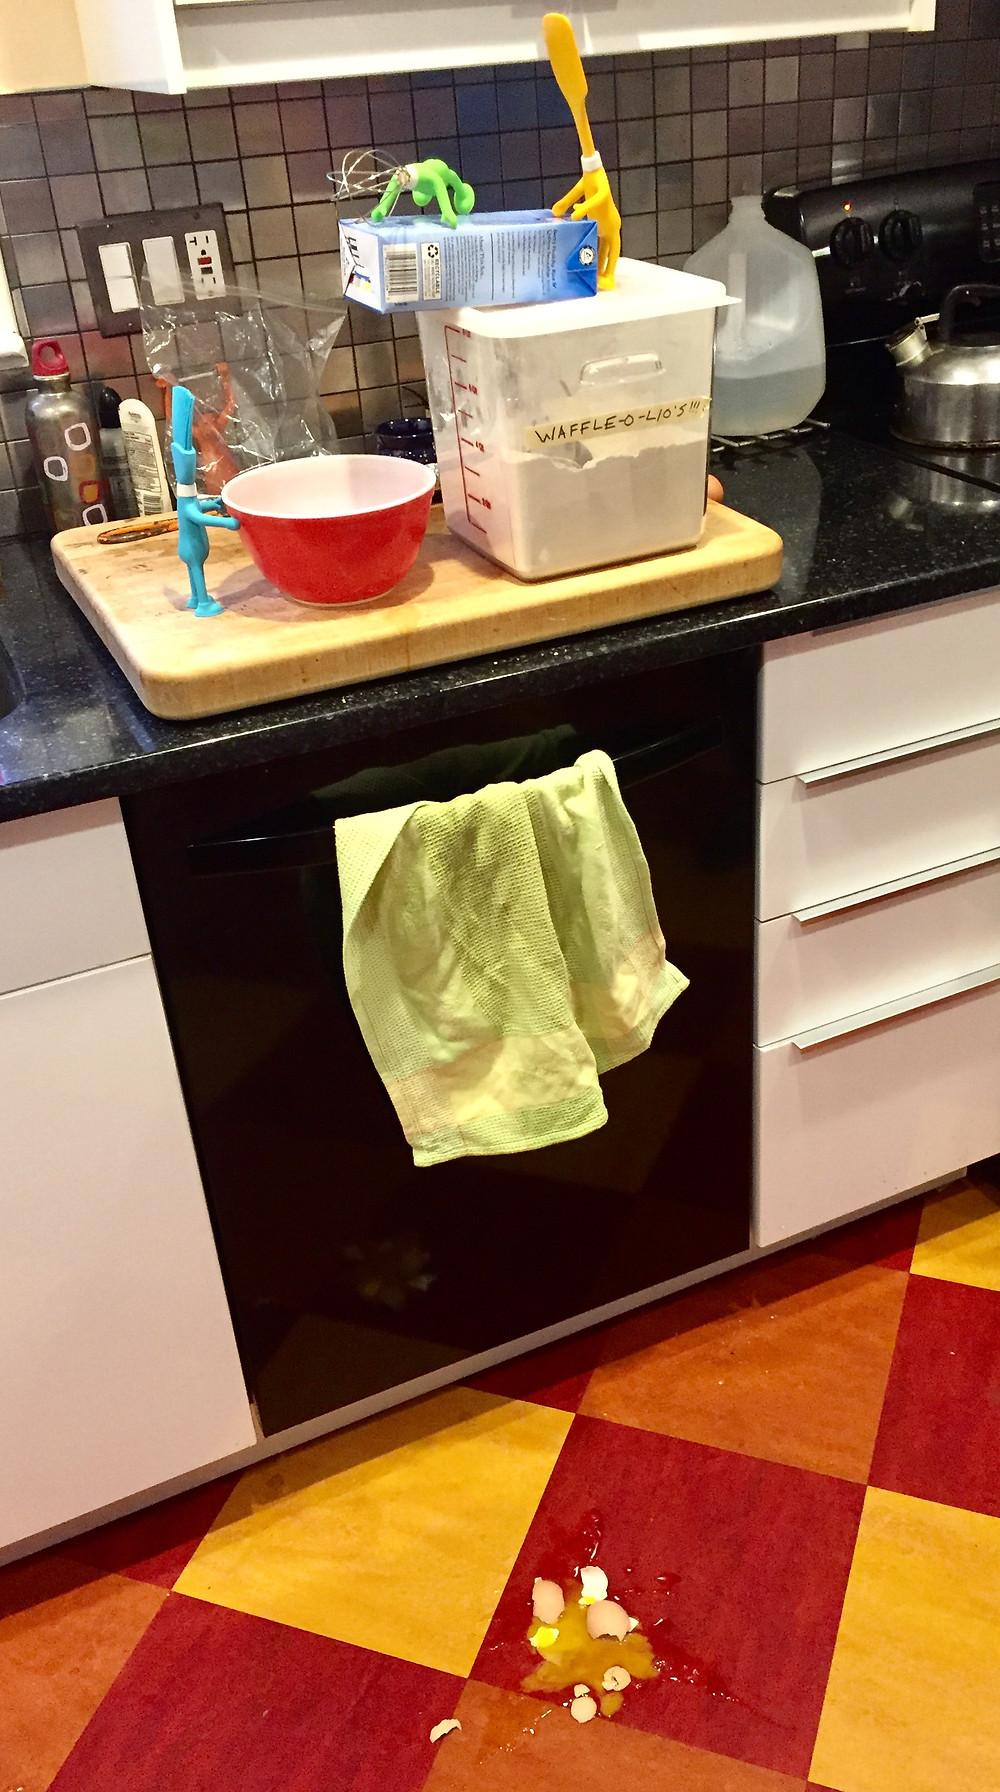 Messy egg spill